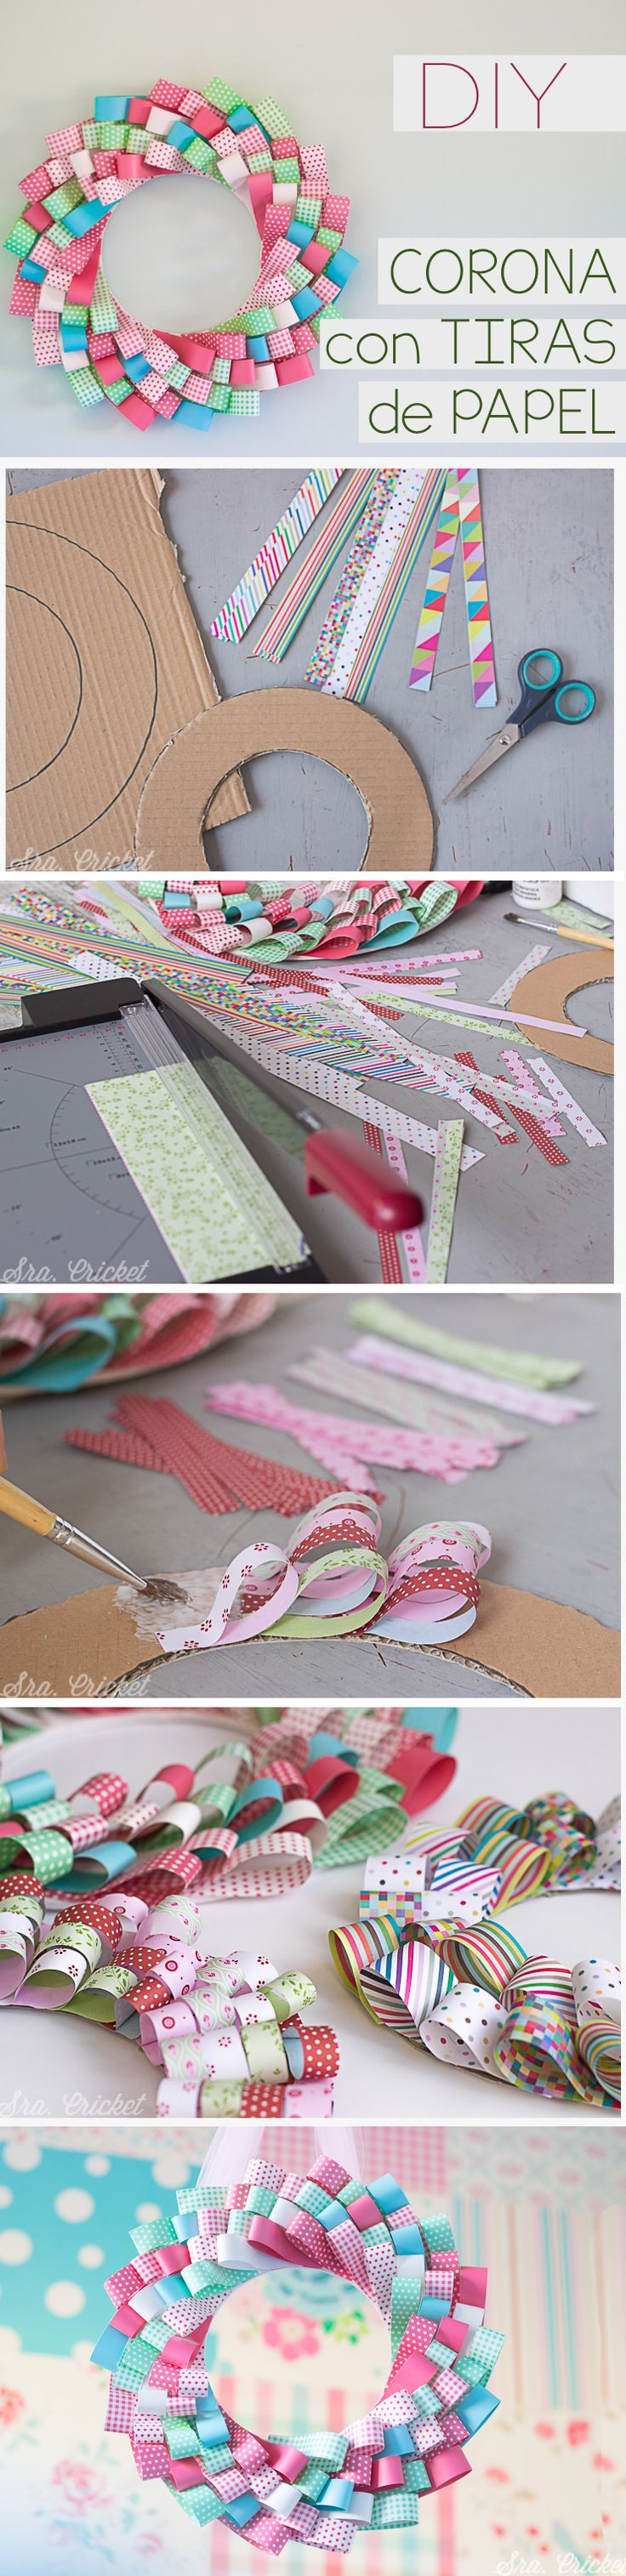 Corona de papel handame. Un tutorial DIY para hacer un corona con tiras de papel…